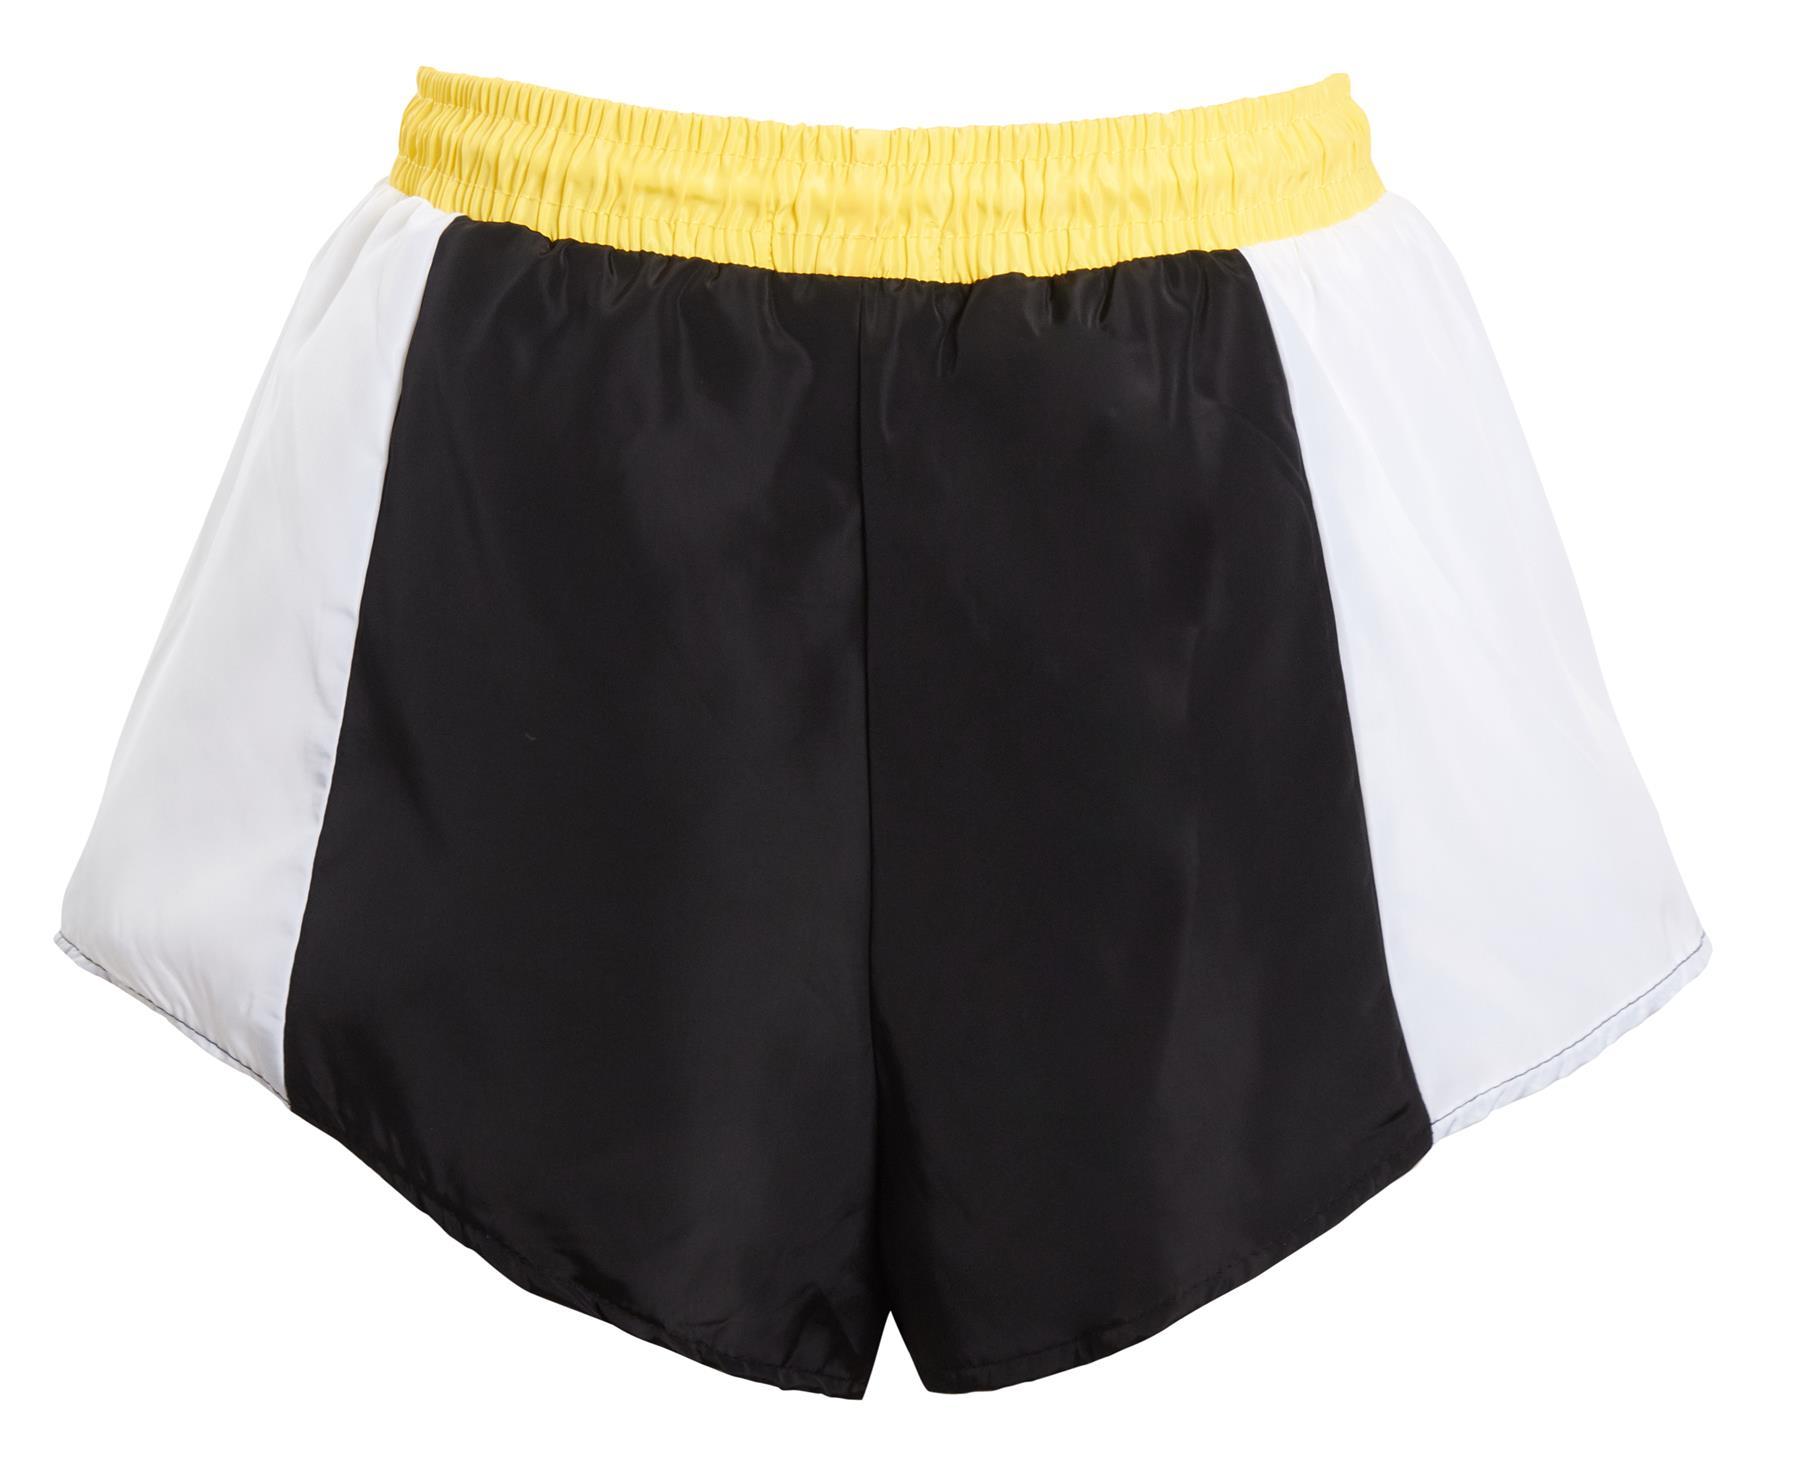 Ladies Colour Block Crop Top Shorts Co ord Festival Tie Front Pocket Set